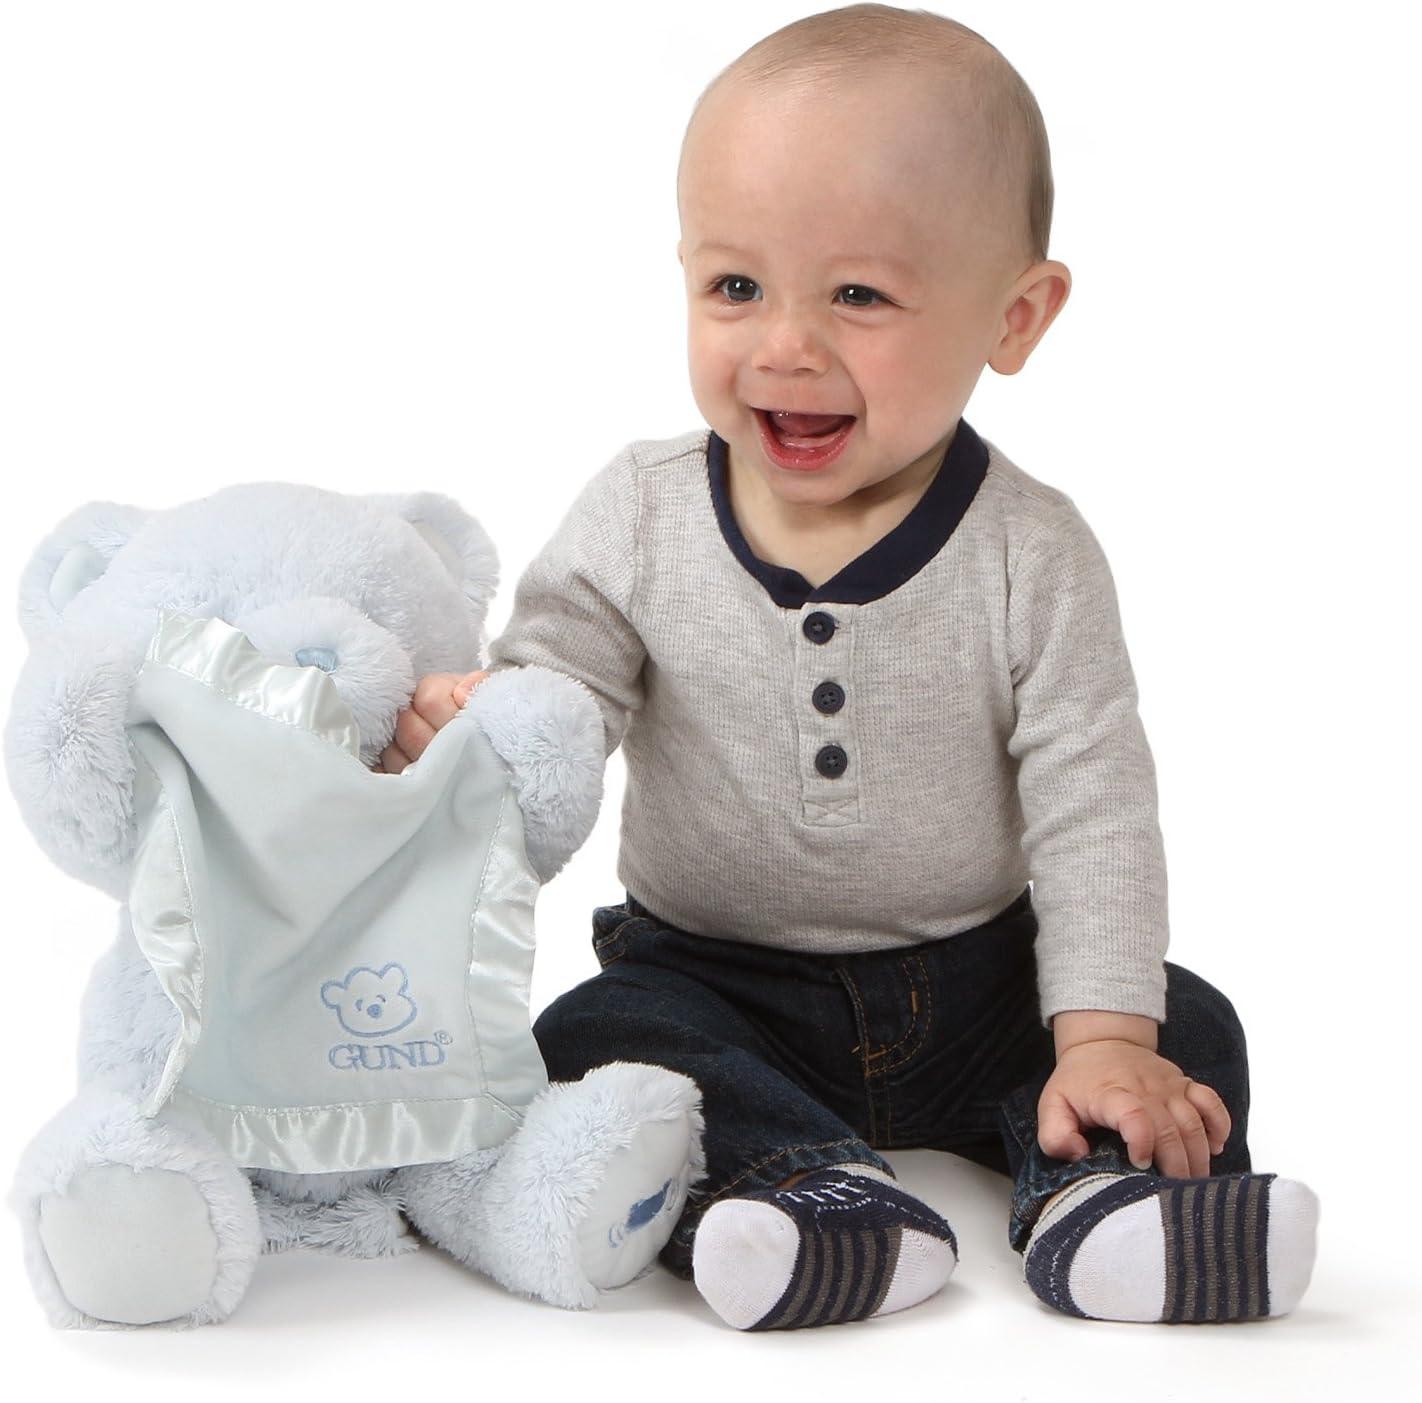 Enesco Gund Baby Peluche Mi Primero Oso Mir/é A Escondidas azul 20.5x20.5x29 cm Poli/éster